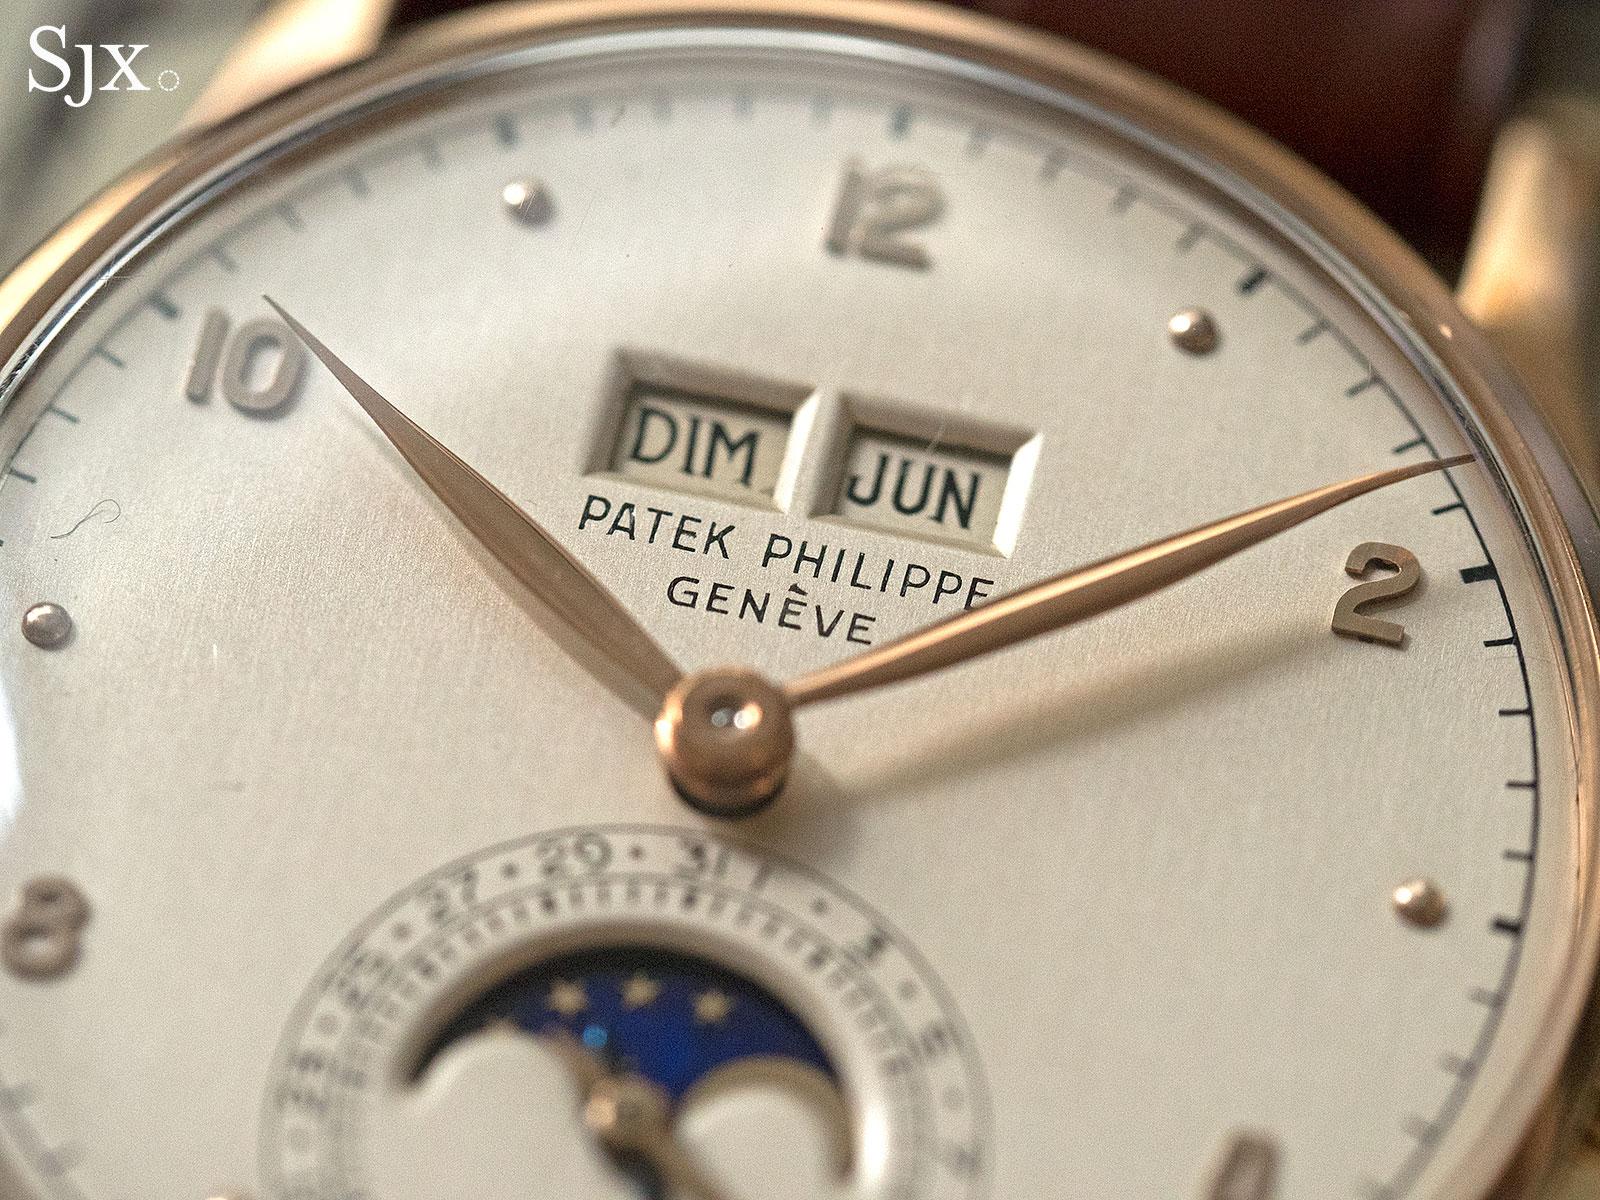 Phillips HKWA3 Patek Philippe 1526 perpetual calendar pink gold 2